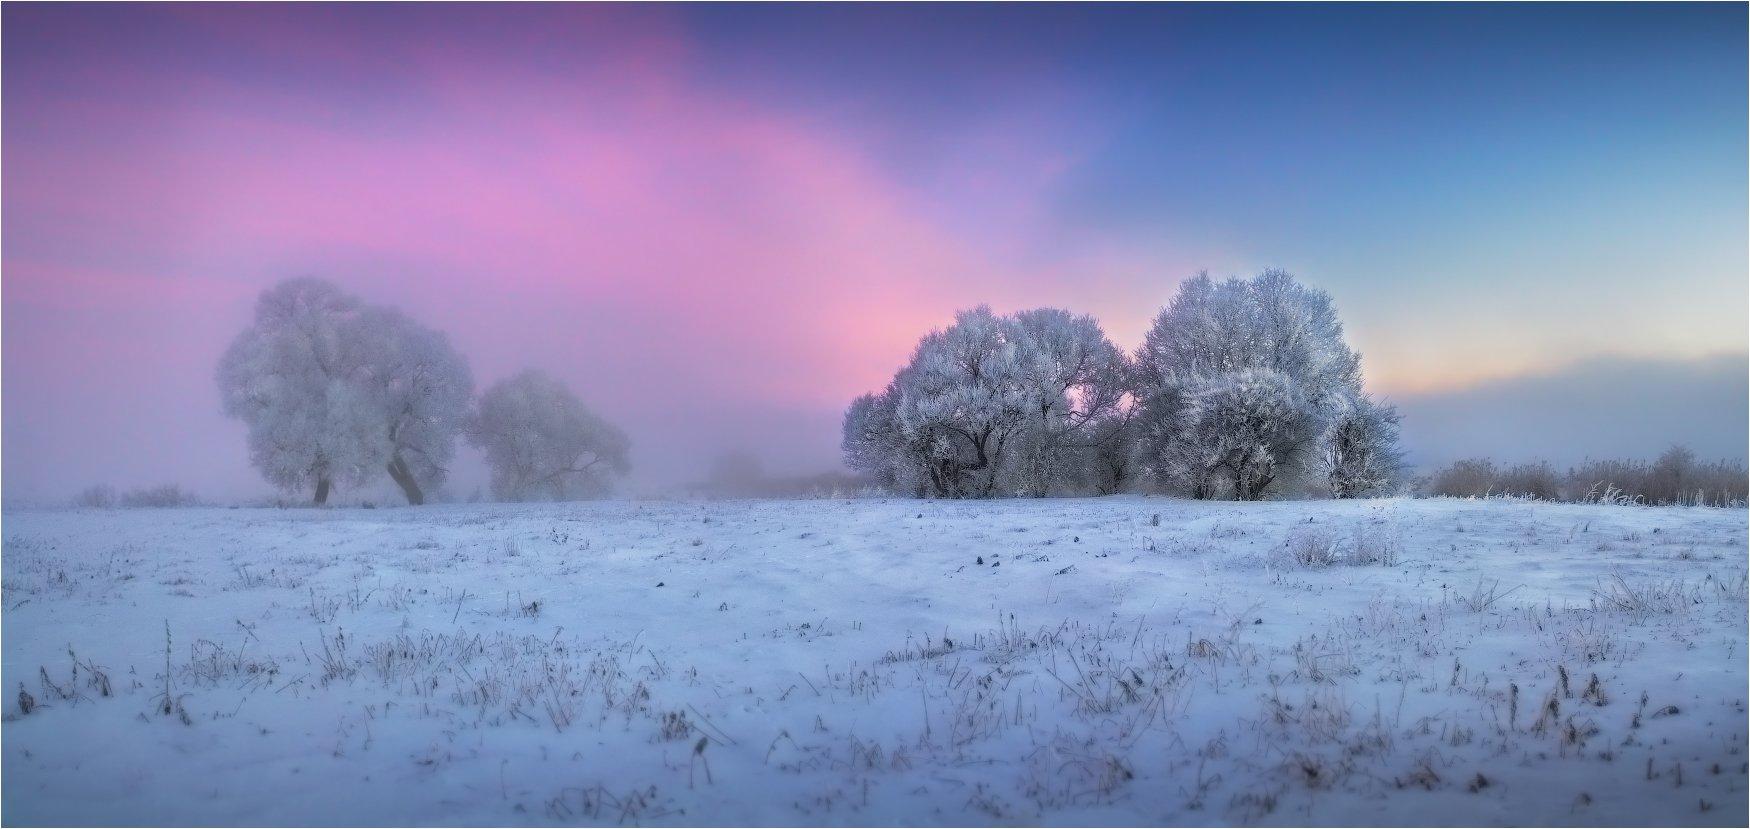 дымка, зима, мороз, рассвет, Сергей Шабуневич